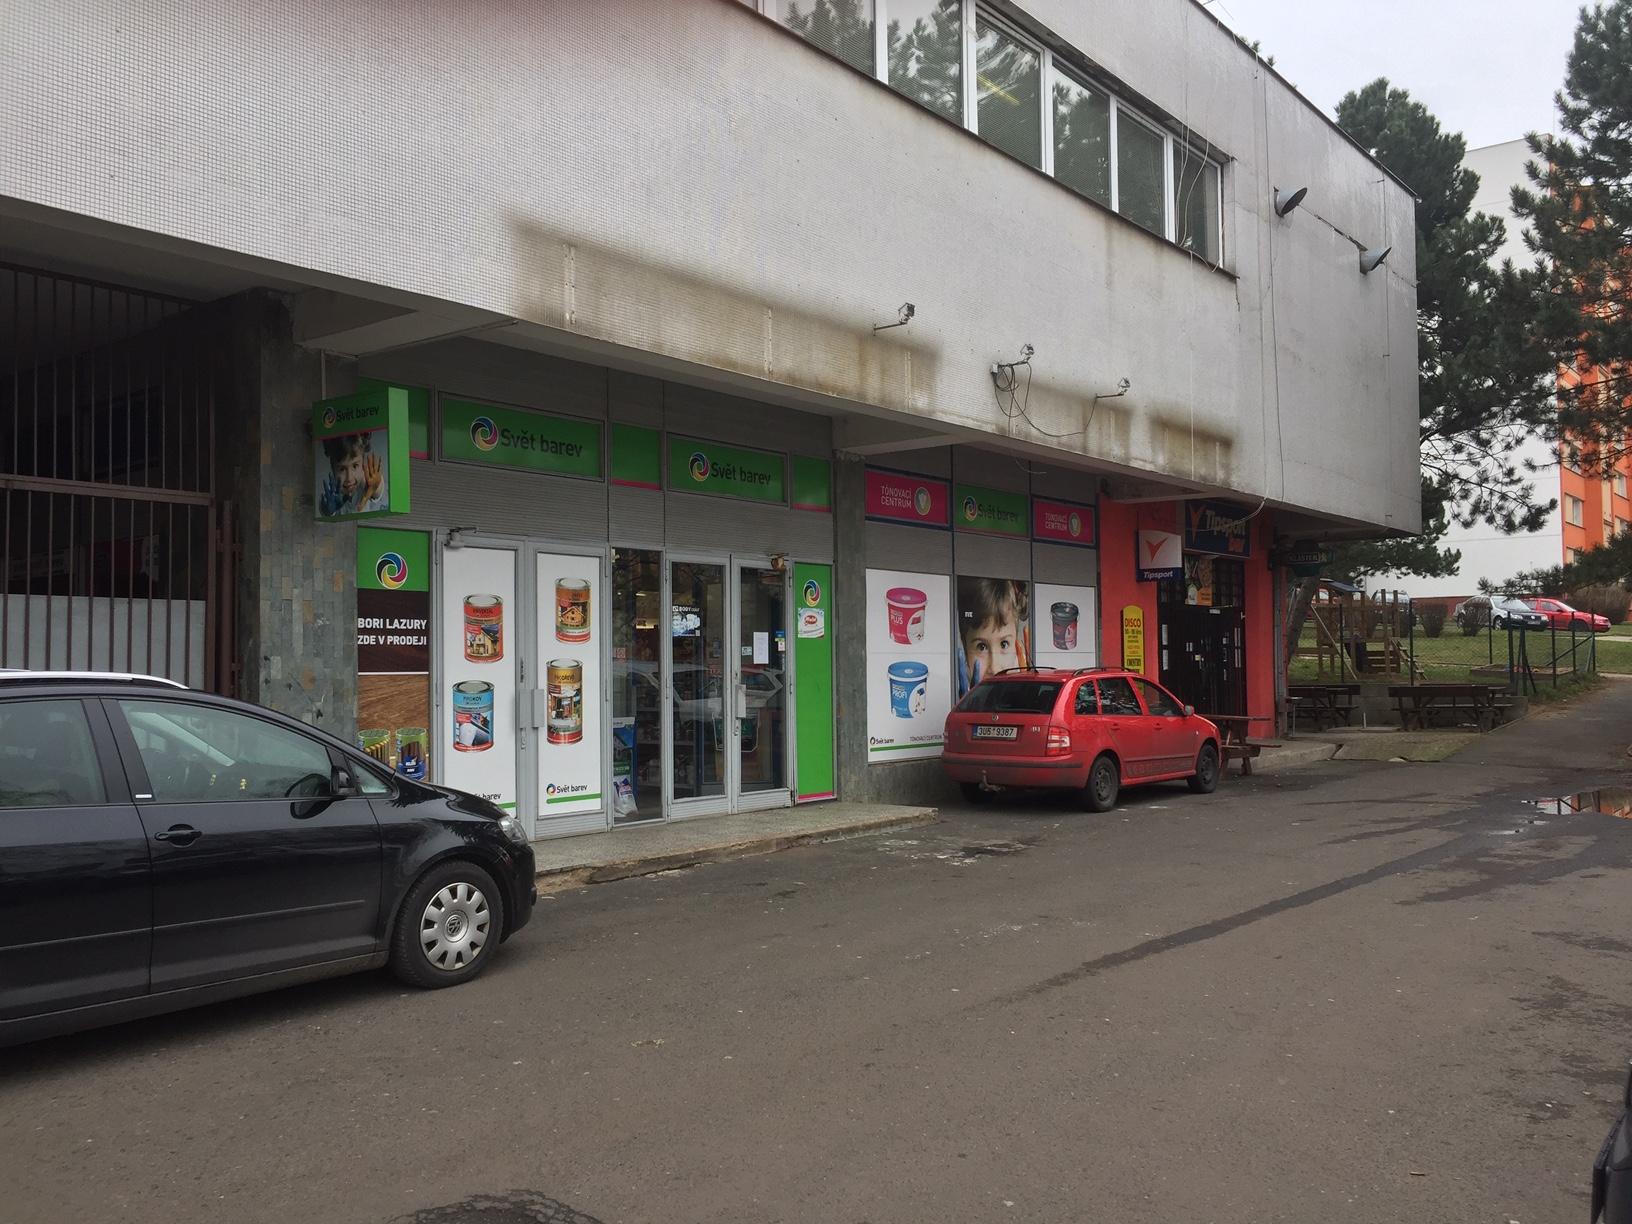 Pobočka Ústí nad Labem, Mírová 2861/6 (COLORLAK maloobchod s.r.o. – SVĚT BAREV)